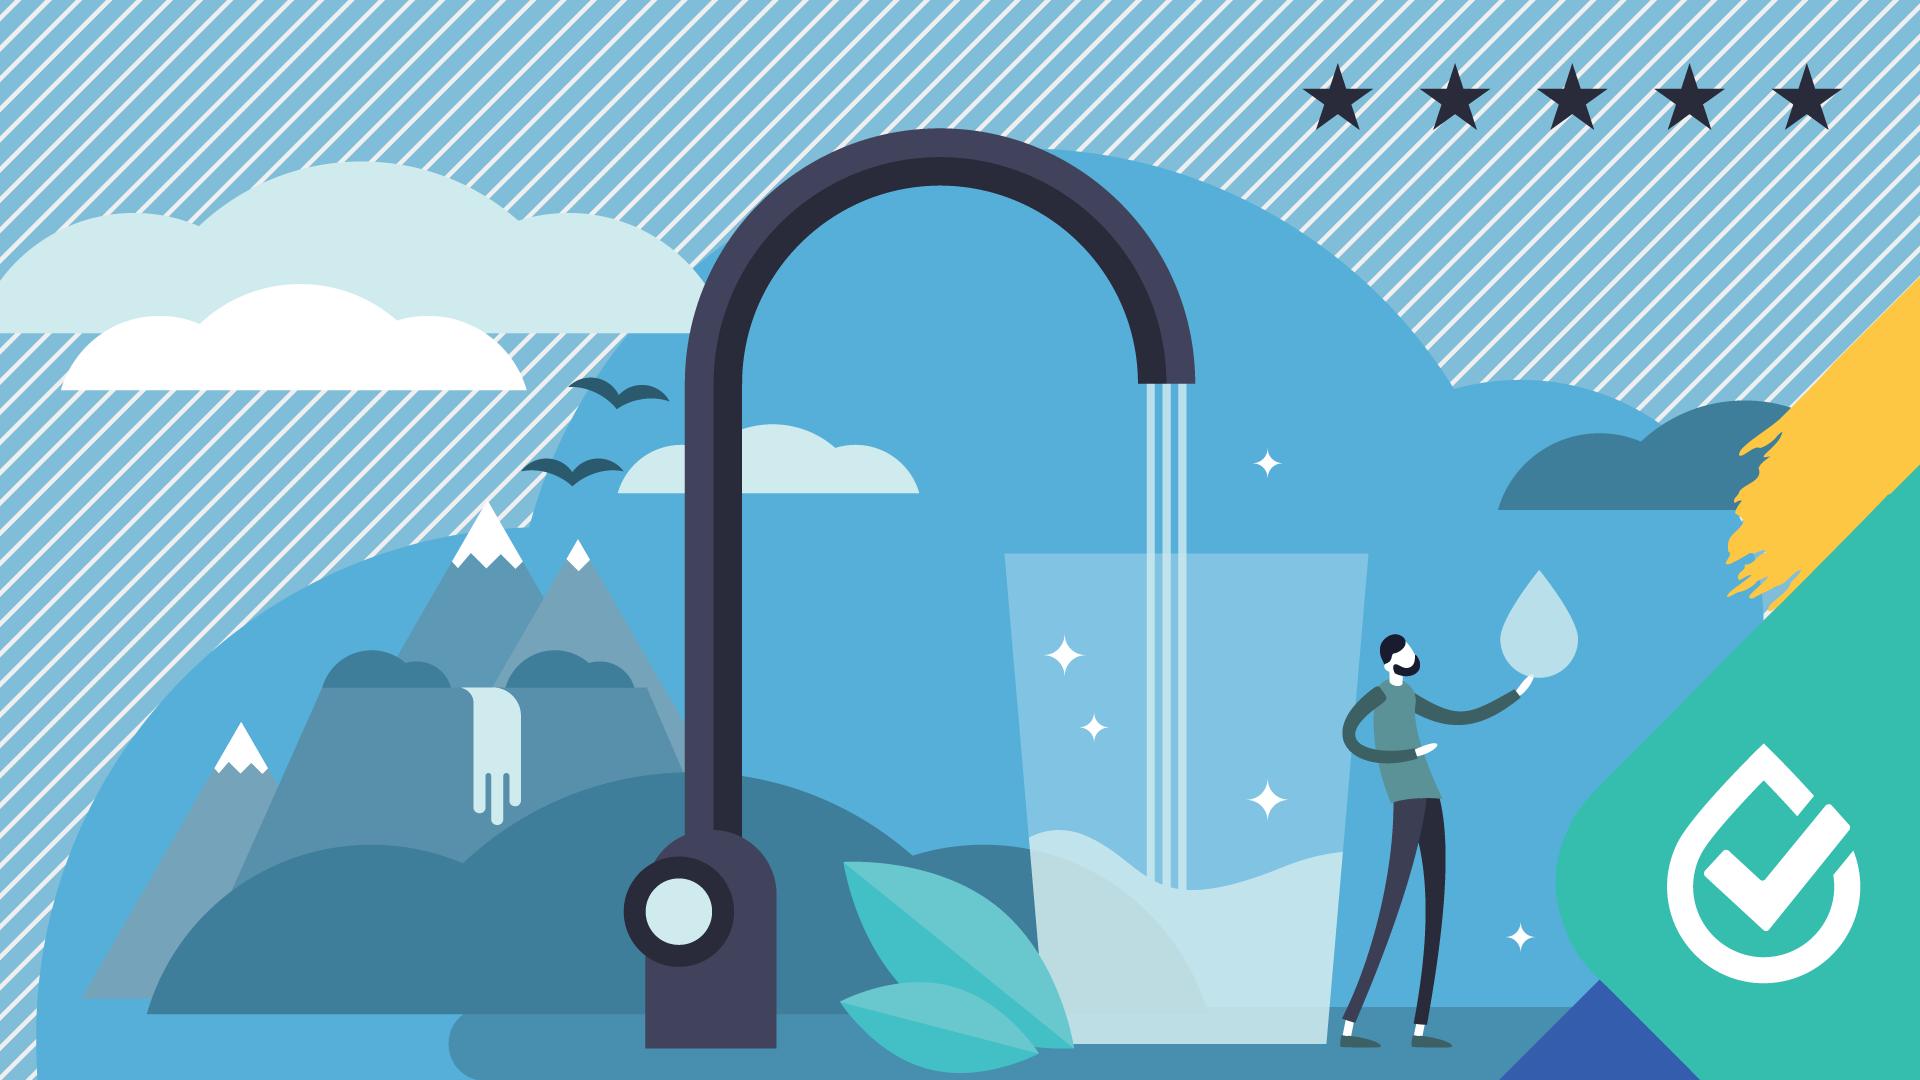 L'eau potable de Victo obtient 5 étoiles  pour une 10e année consécutive